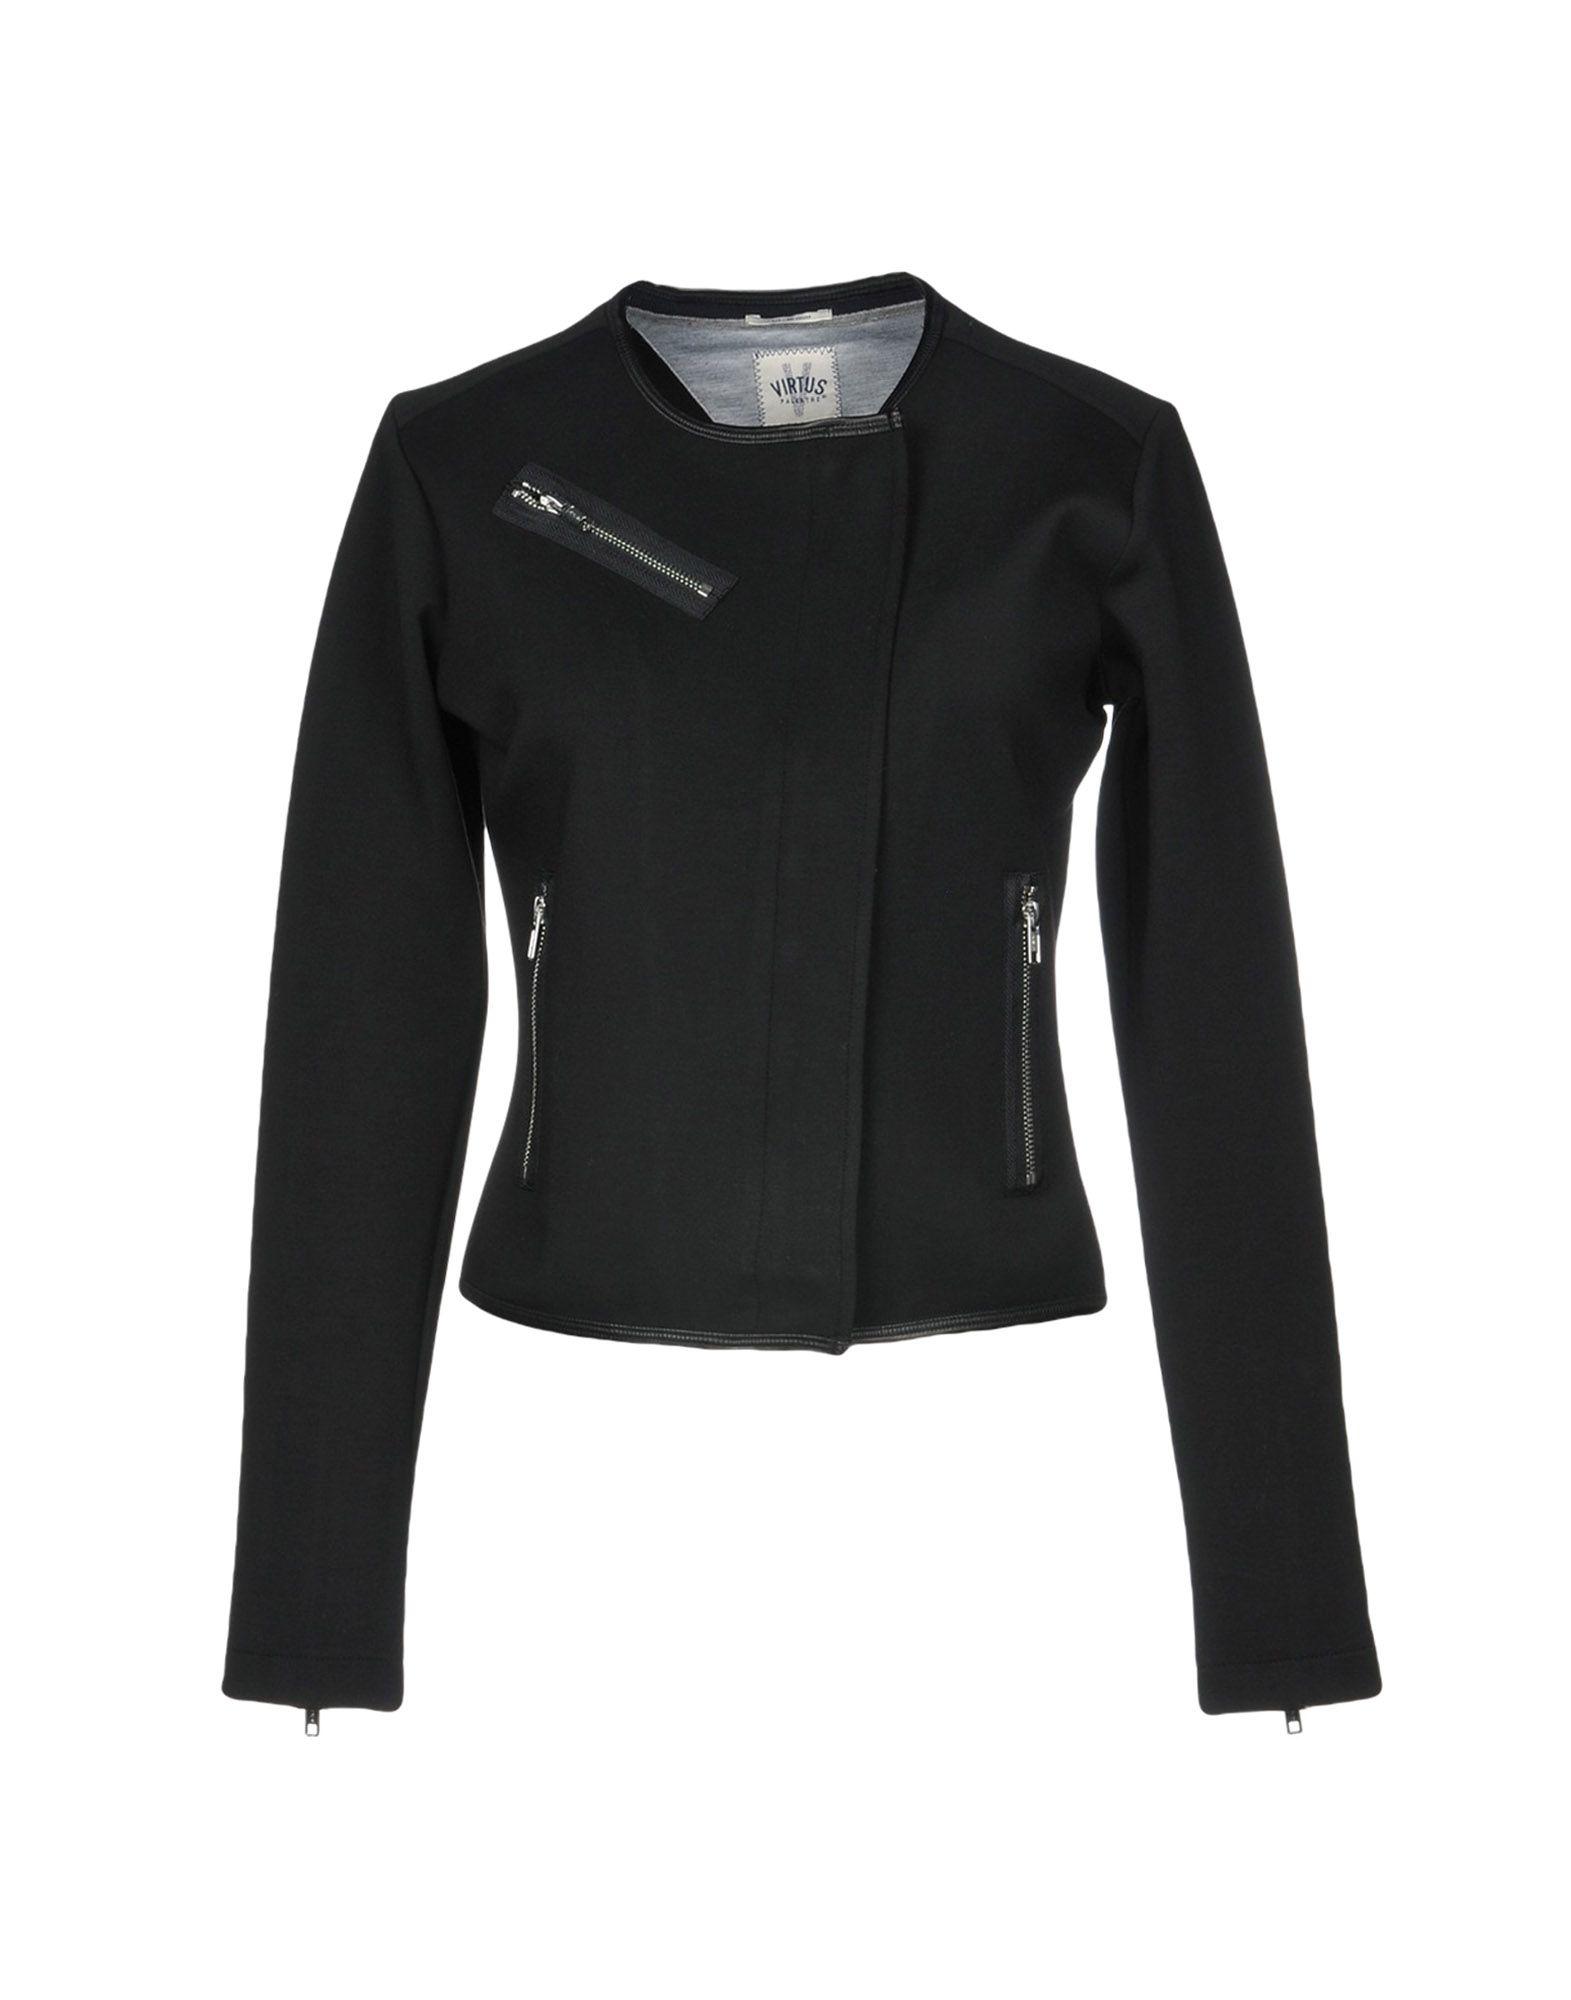 VIRTUS PALESTRE Jacket in Black